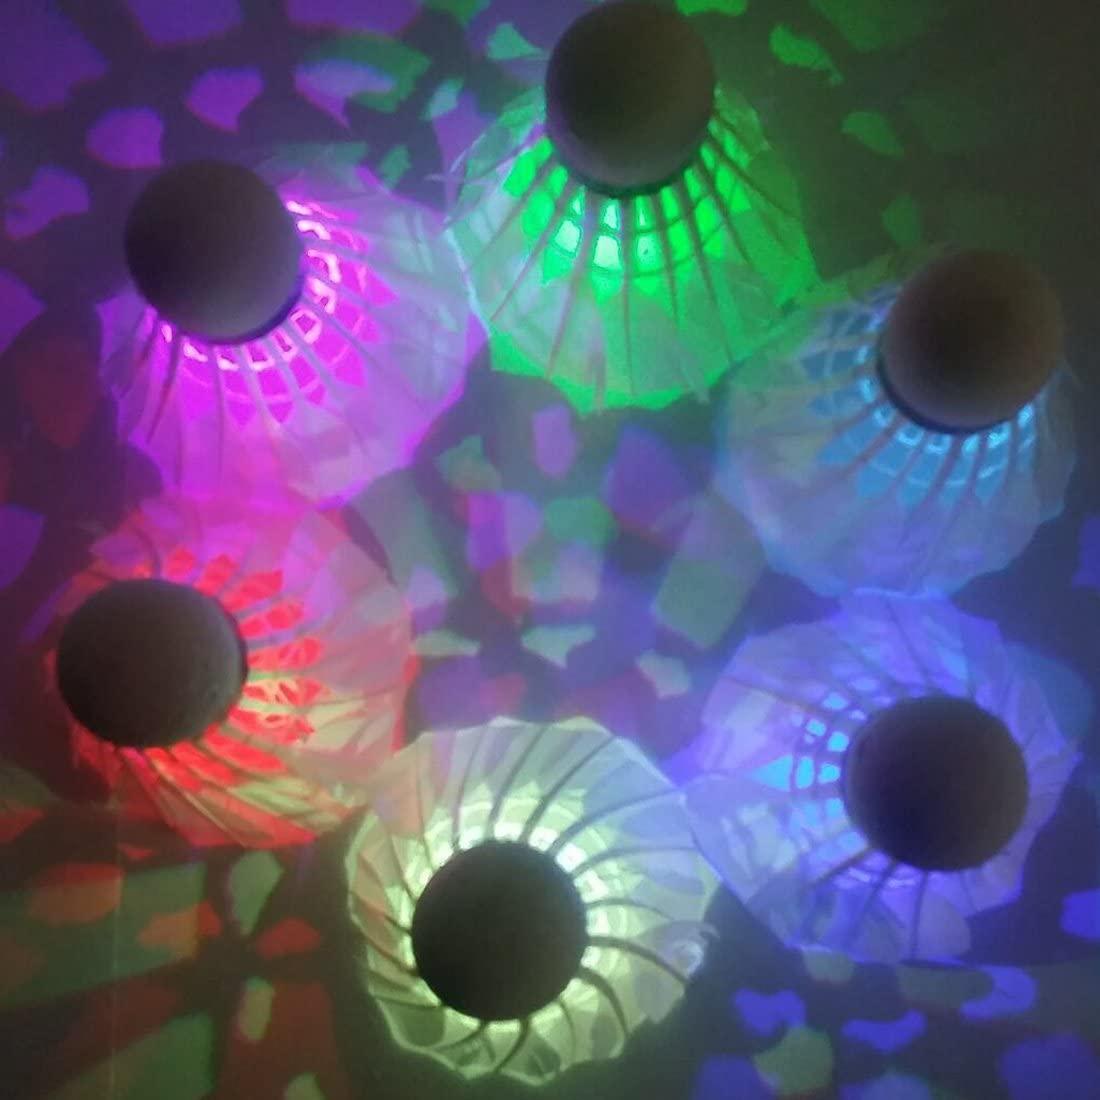 Bringsine LED Badminton Shuttlecock Dark Night Glow Birdies Lighting for Indoor Sports Activities